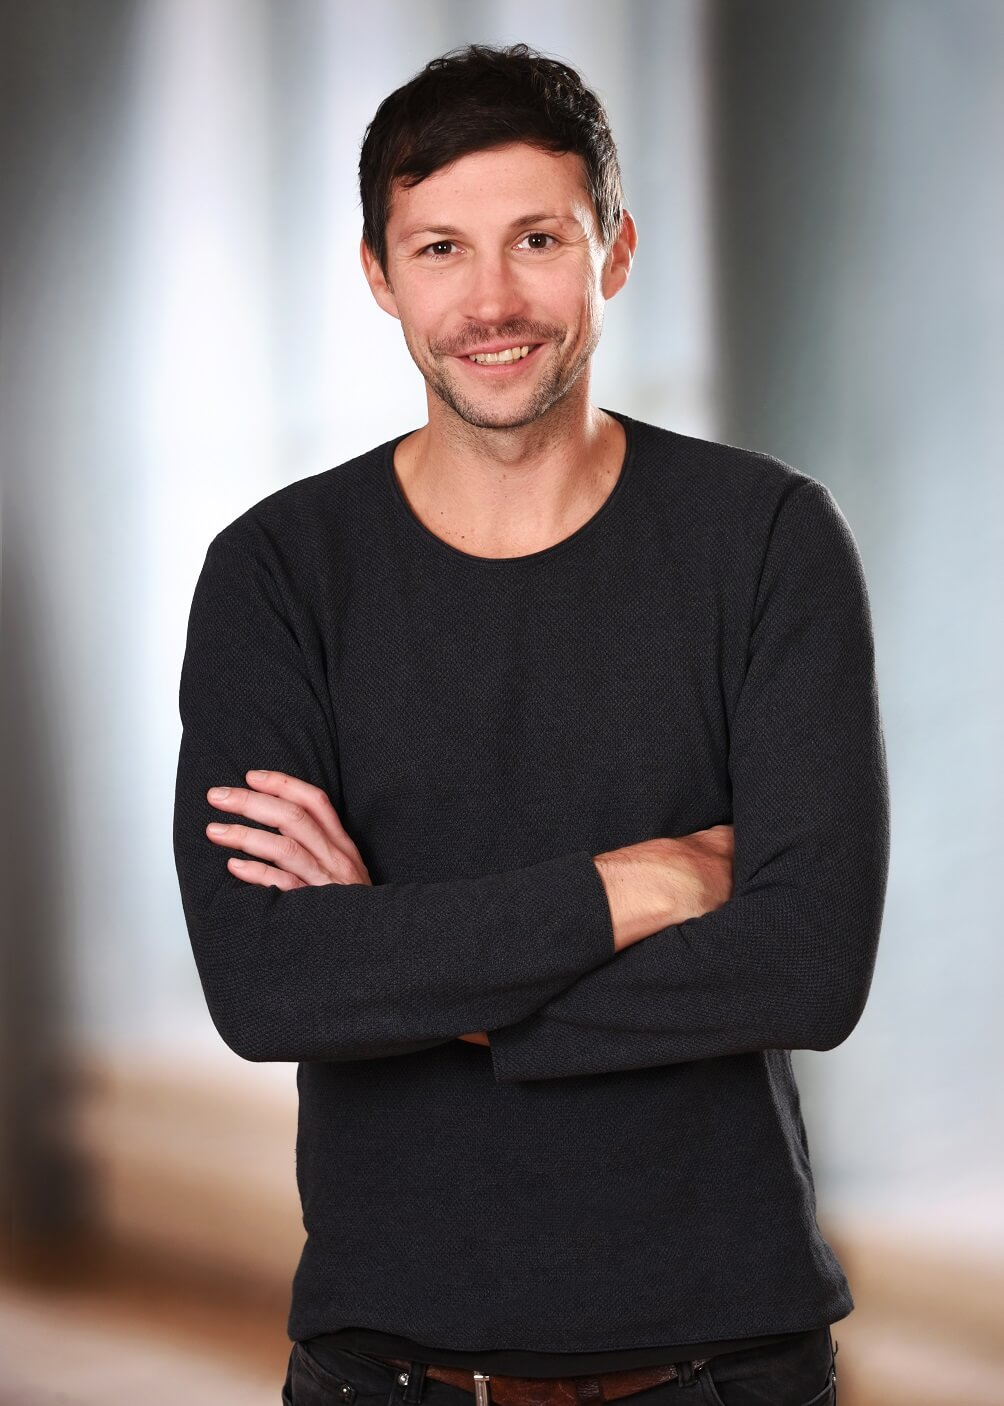 Stefan Höck